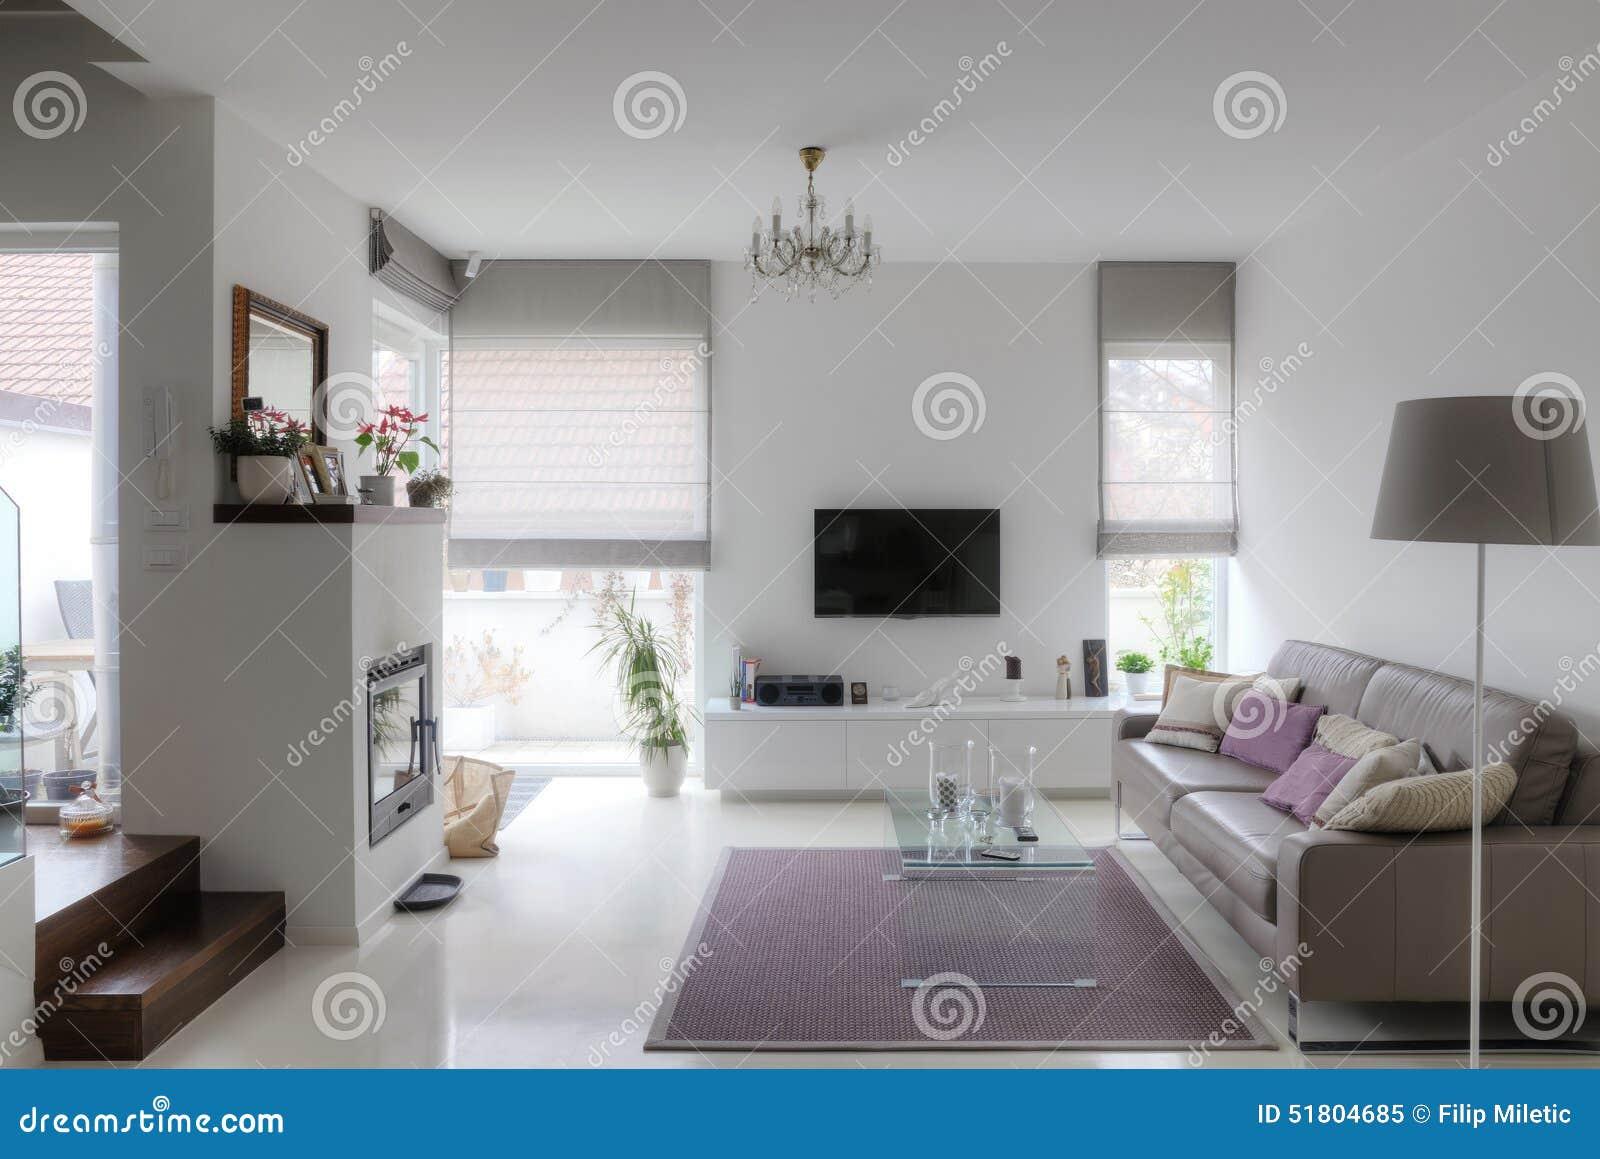 Salle de séjour moderne image stock. Image du beige, divan ...